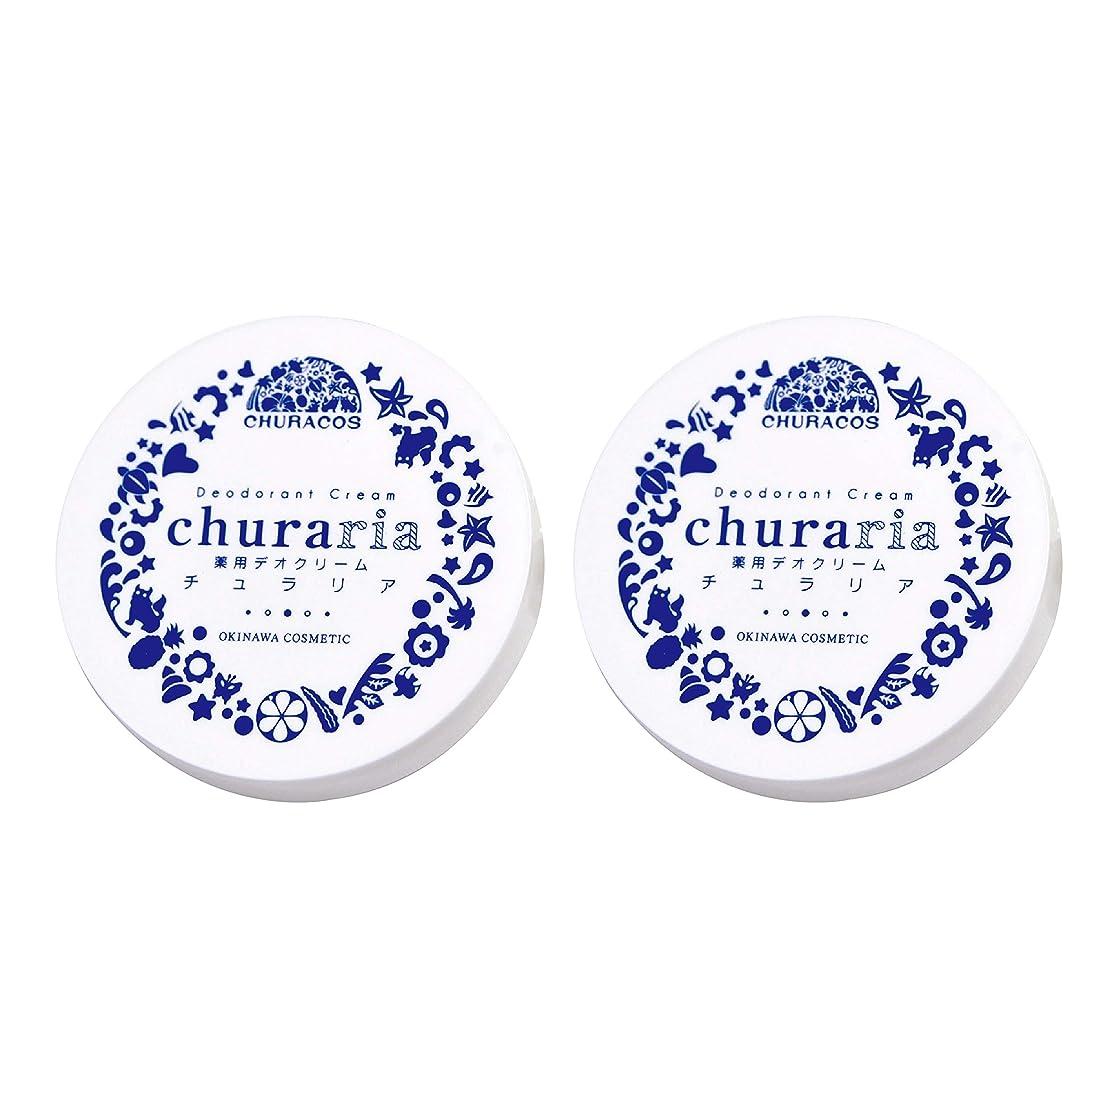 マチュピチュおしゃれな浸漬チュラコス 薬用デオドラントクリーム チュラリア 27g 制汗剤 わきが デリケート (2個)